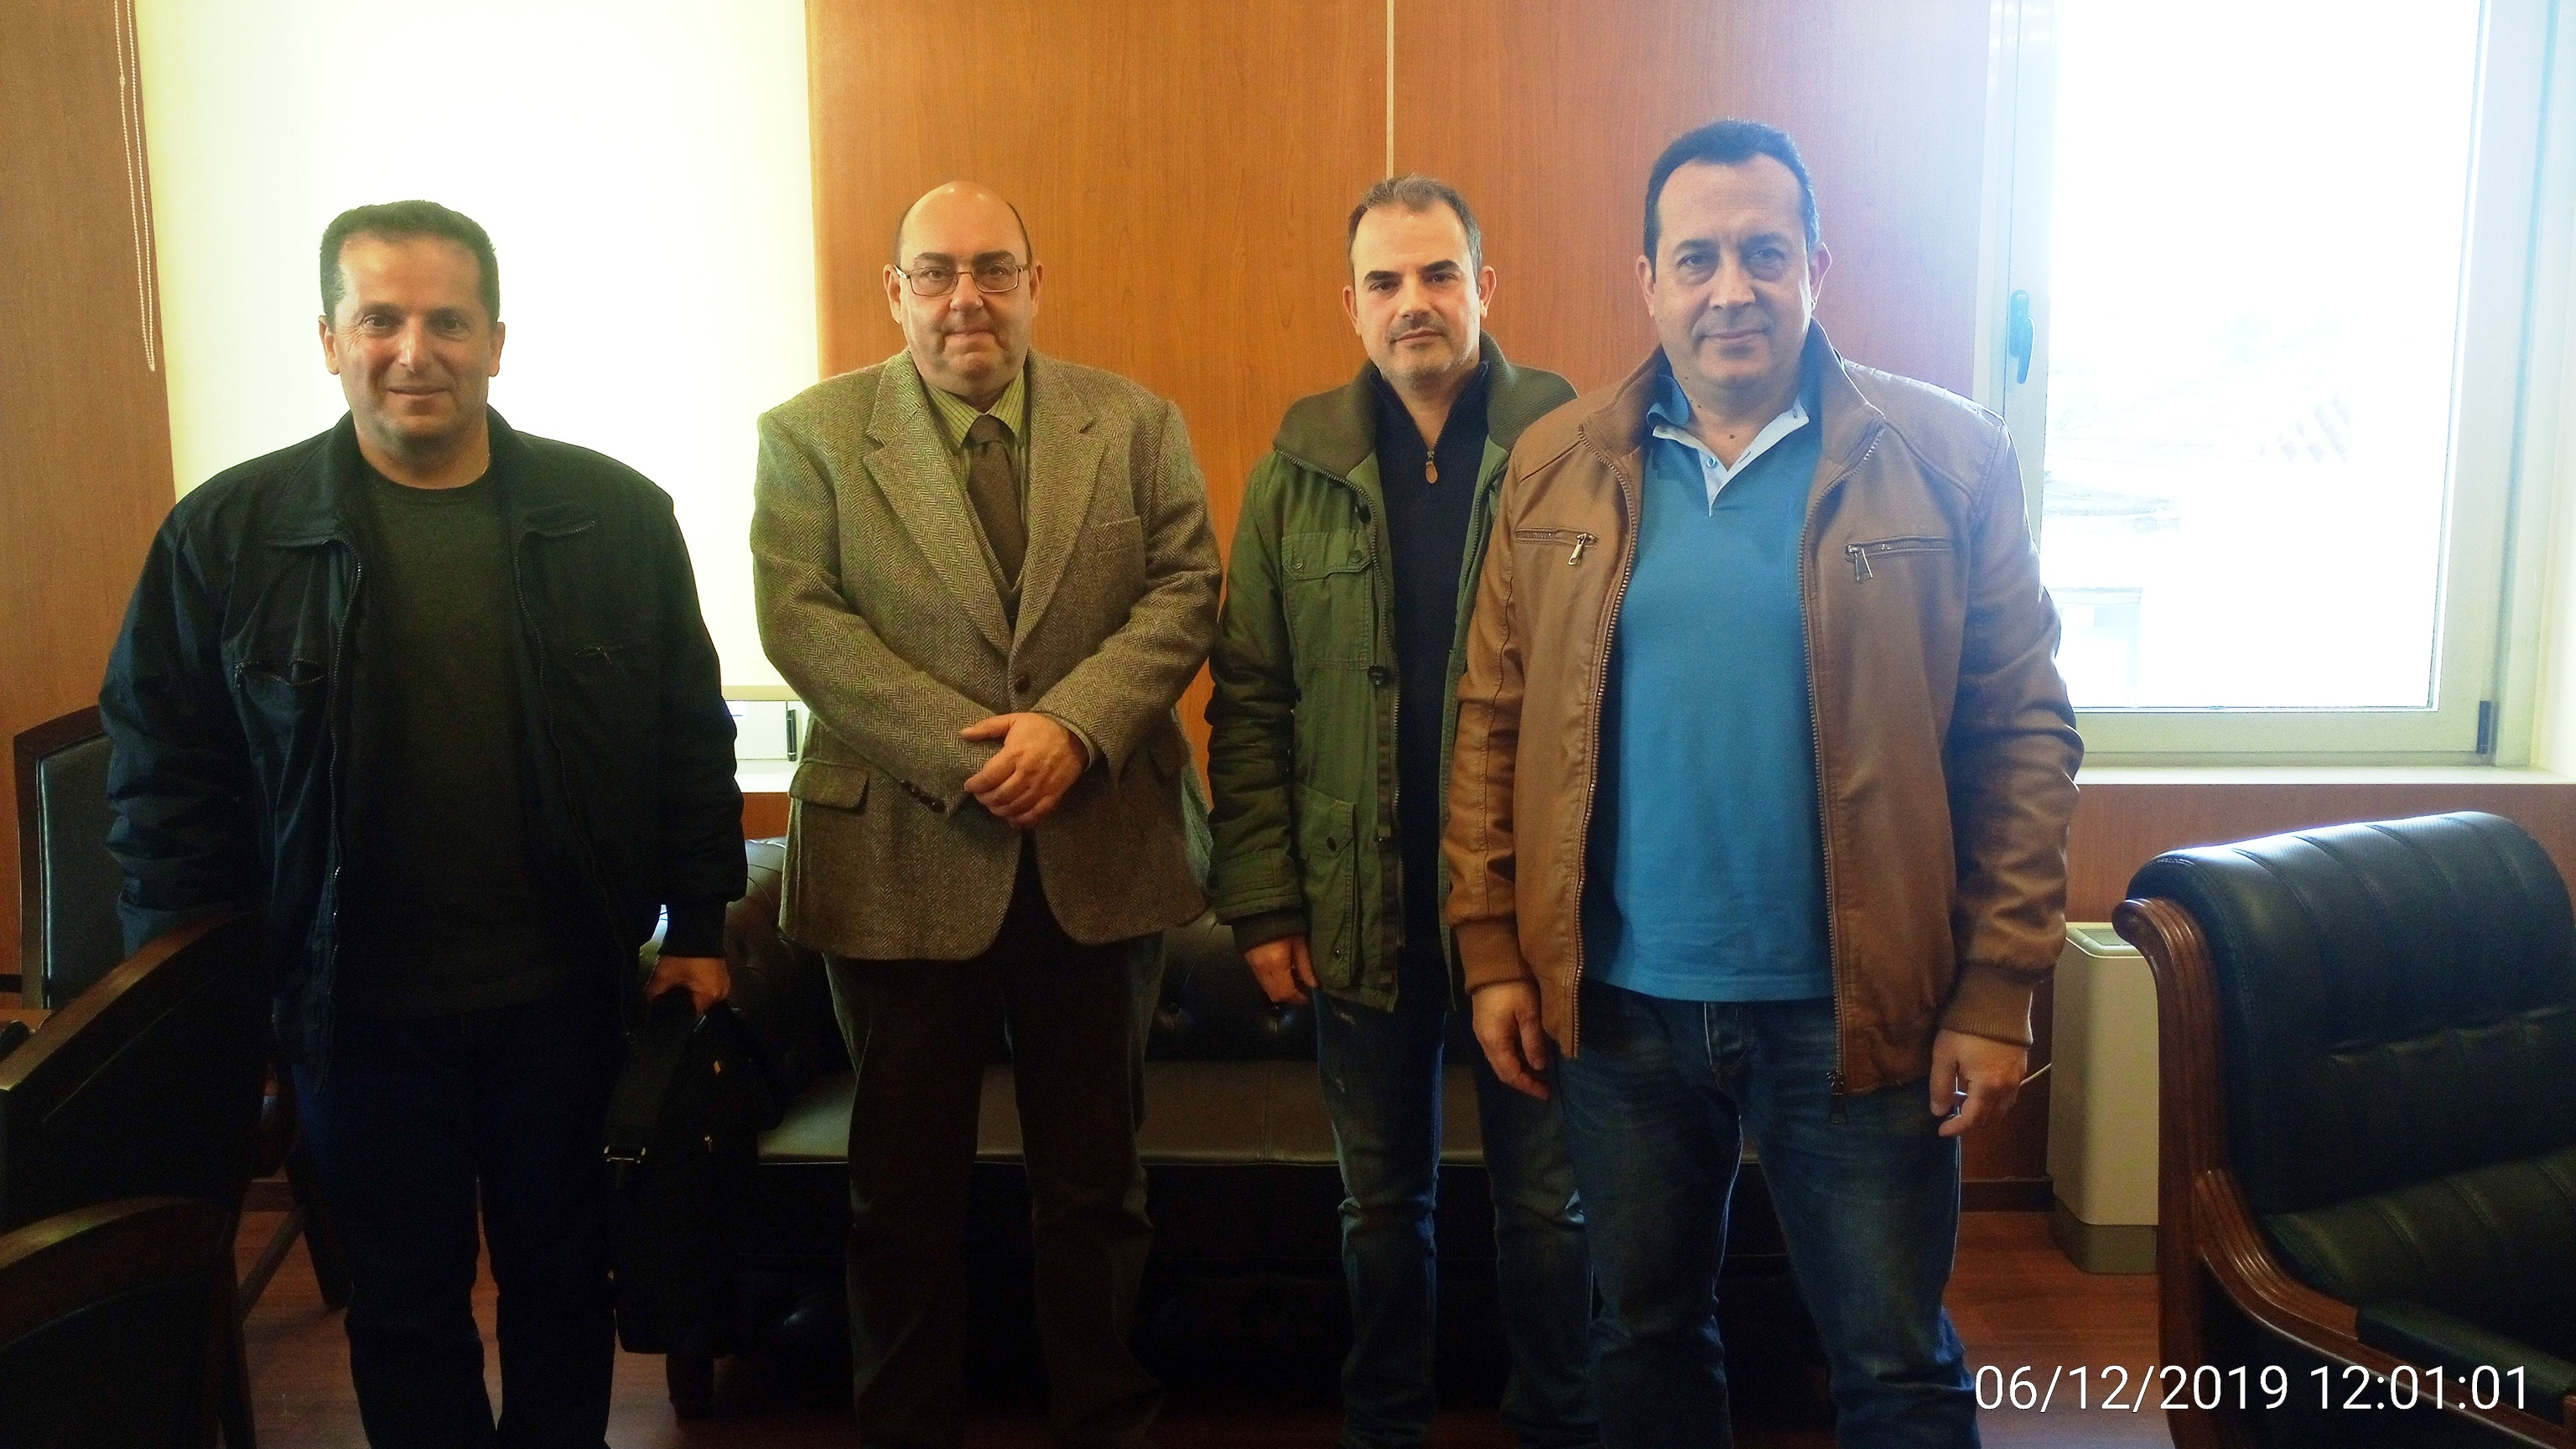 Ε.Σ.ΠΕ.Ε.ΛΕΣ: Συνάντηση με τον Δήμαρχο Δυτικής Λέσβου κ. Ταξιάρχη Βέρρο